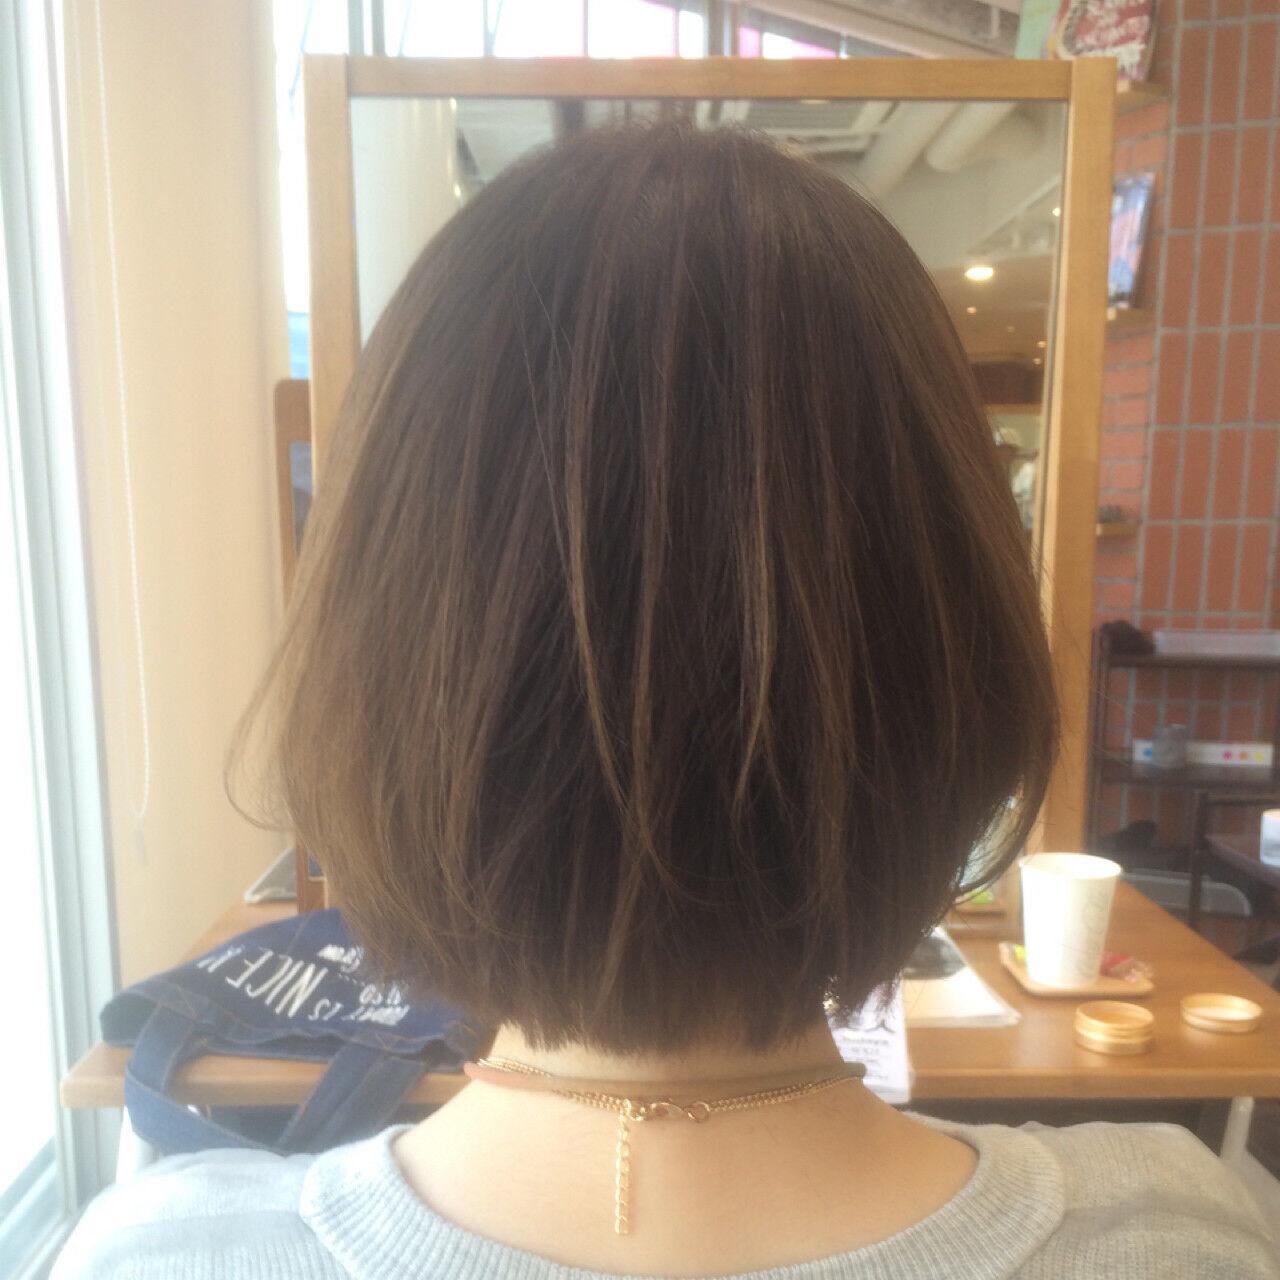 黒髪 ナチュラル アッシュベージュ ボブヘアスタイルや髪型の写真・画像